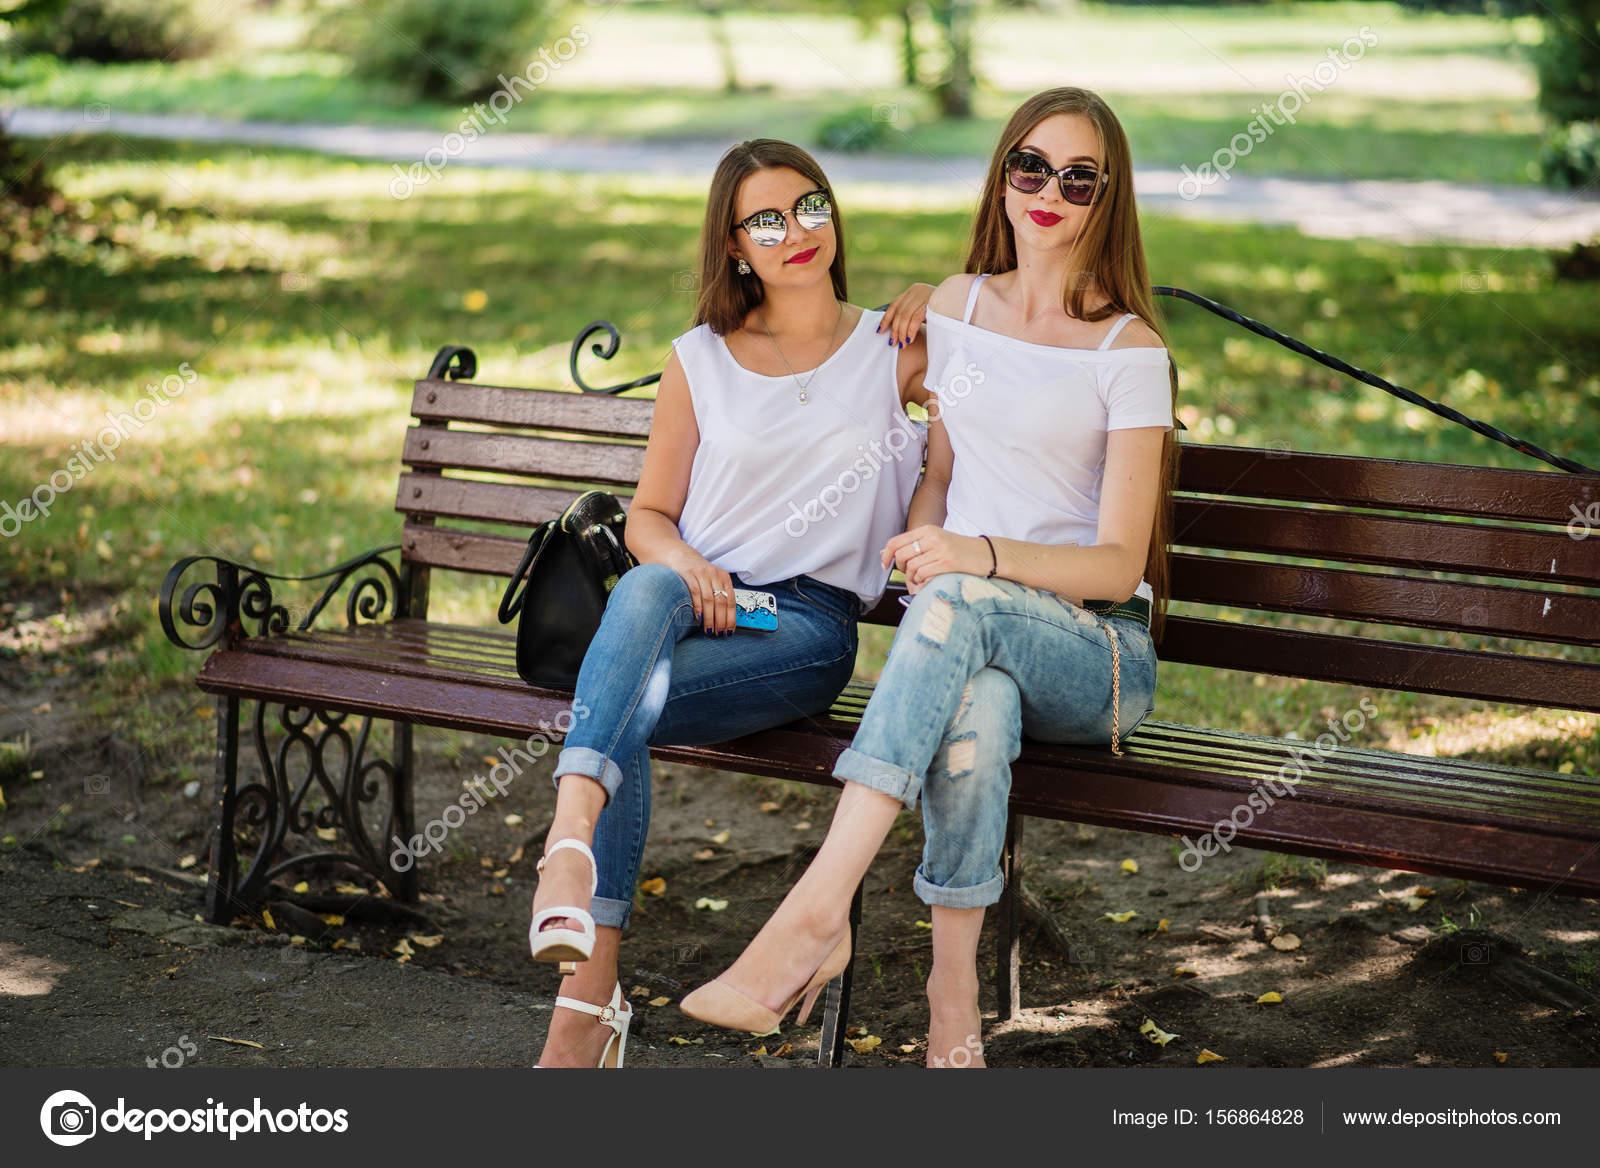 Auf Der Bank Sitzen